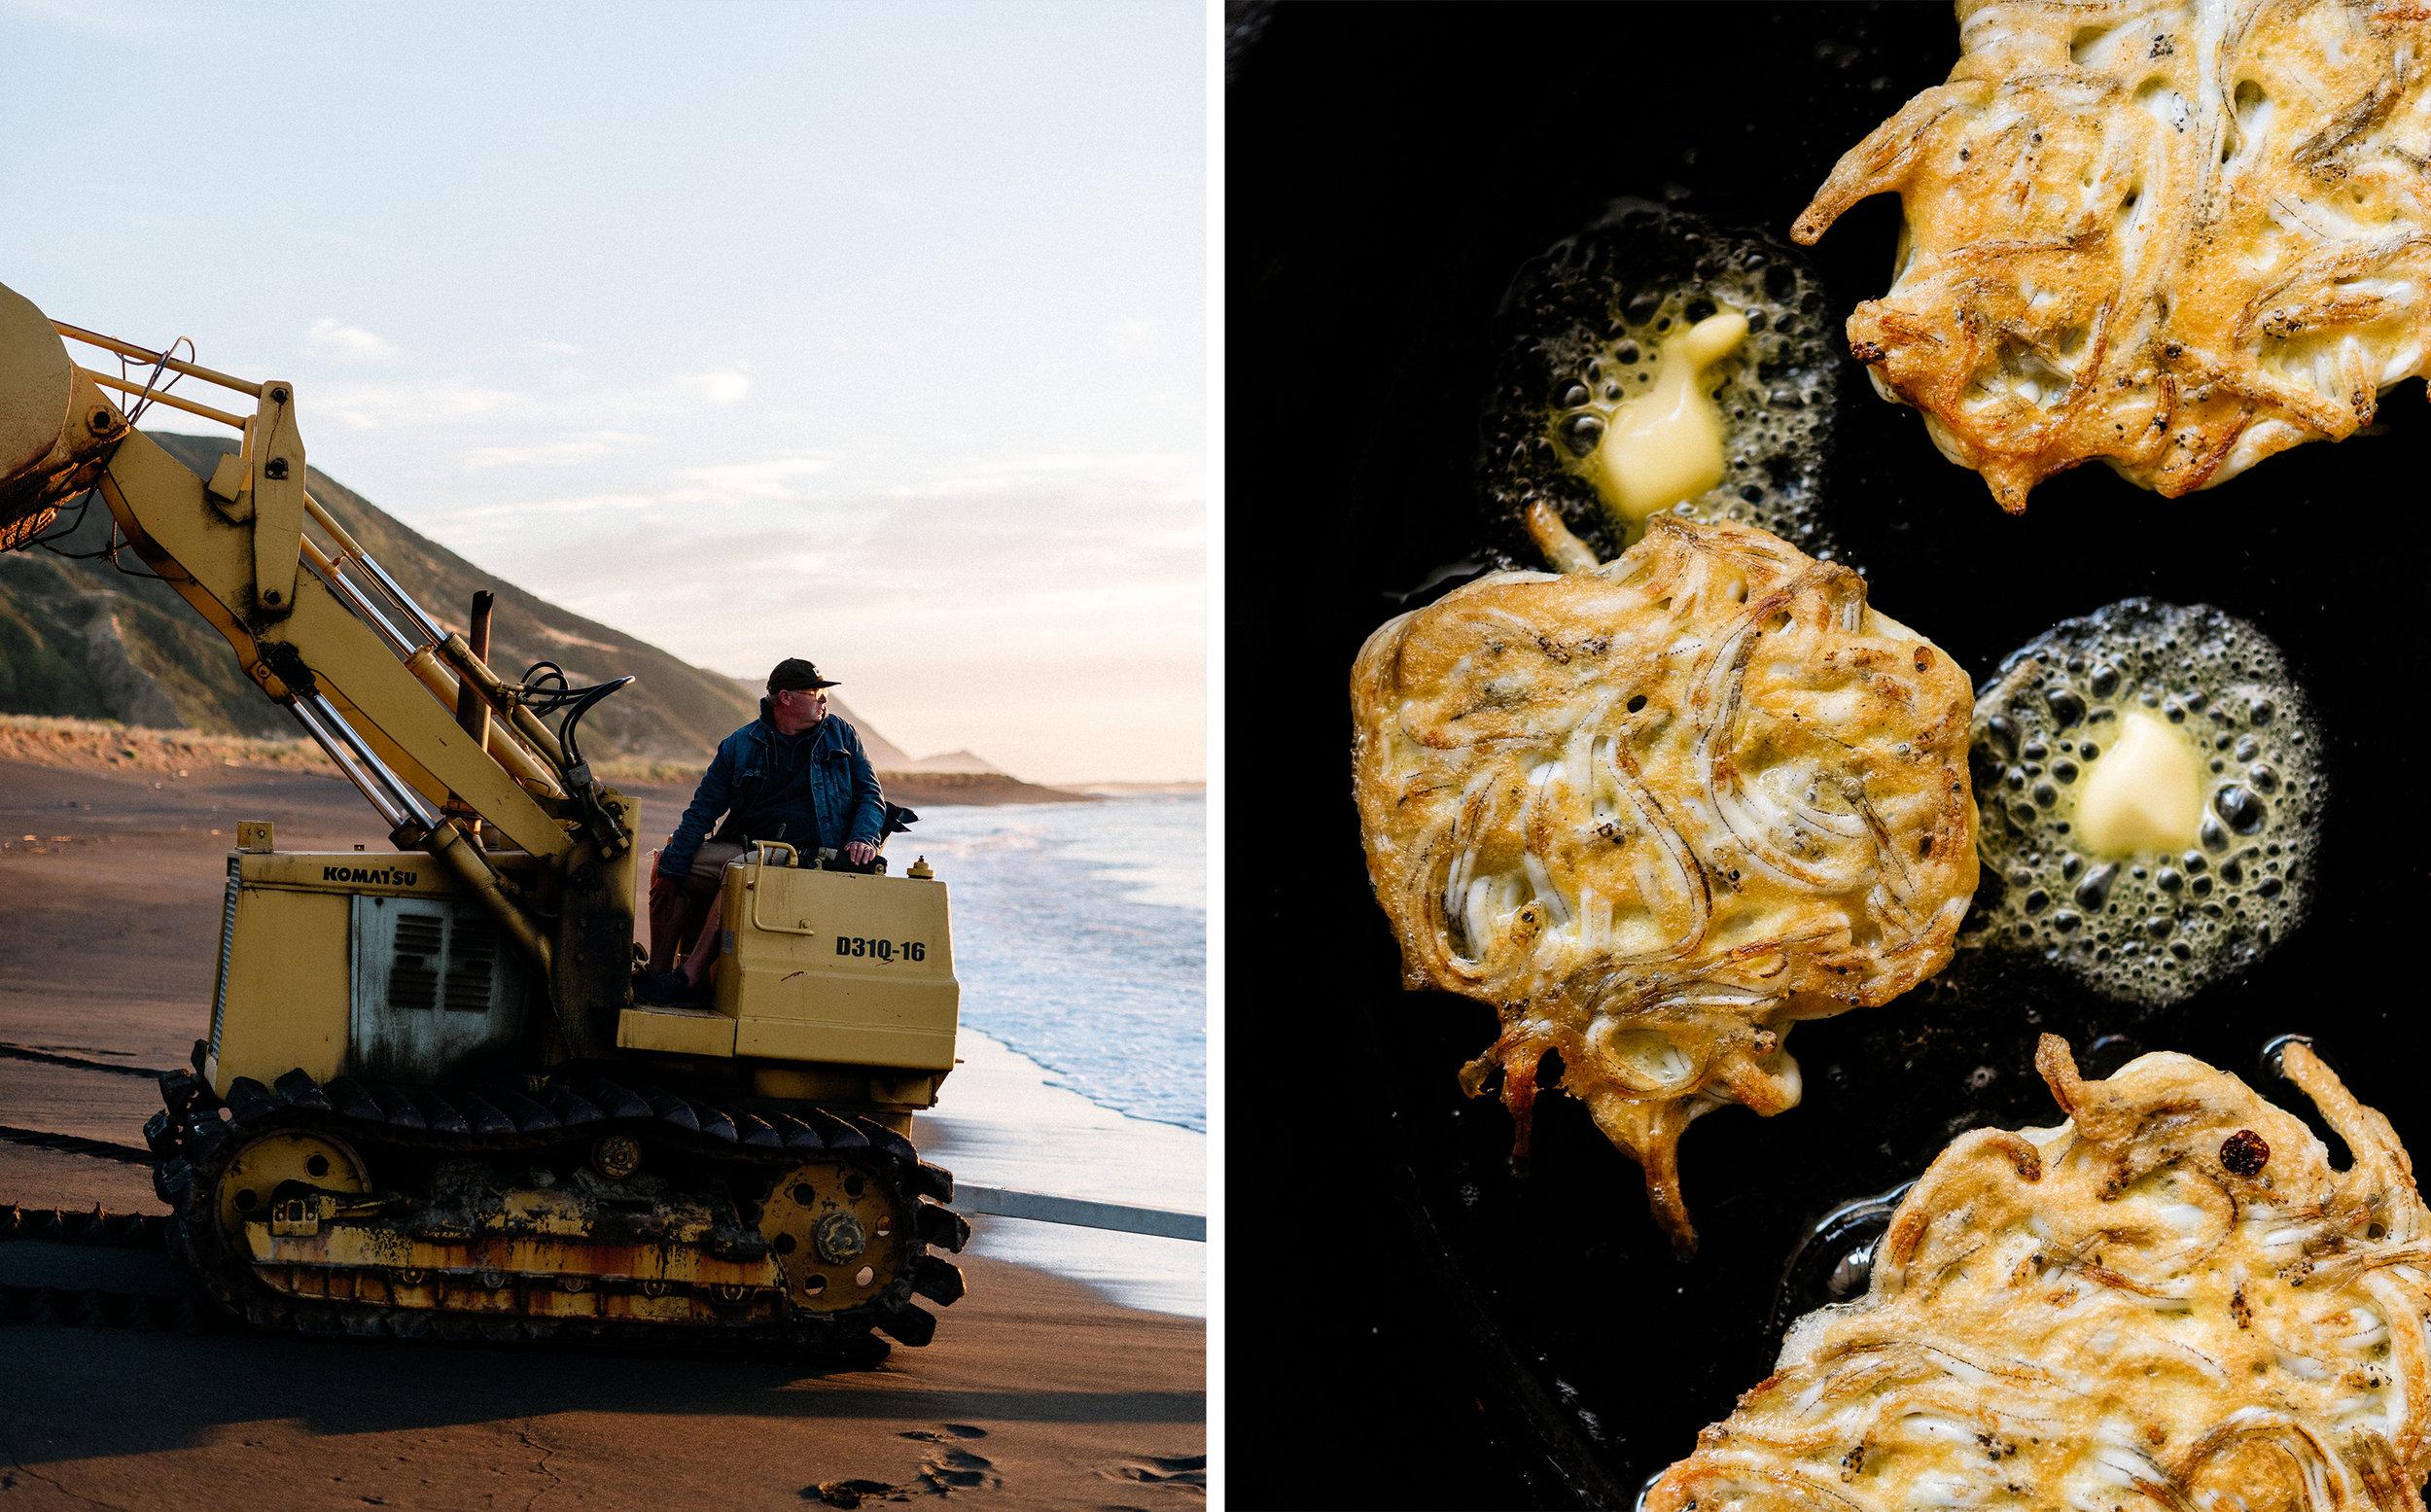 Al-Brown-Eat-Up-NZ-Cookbook-Josh-Griggs-Photographer-Splits-29.jpg